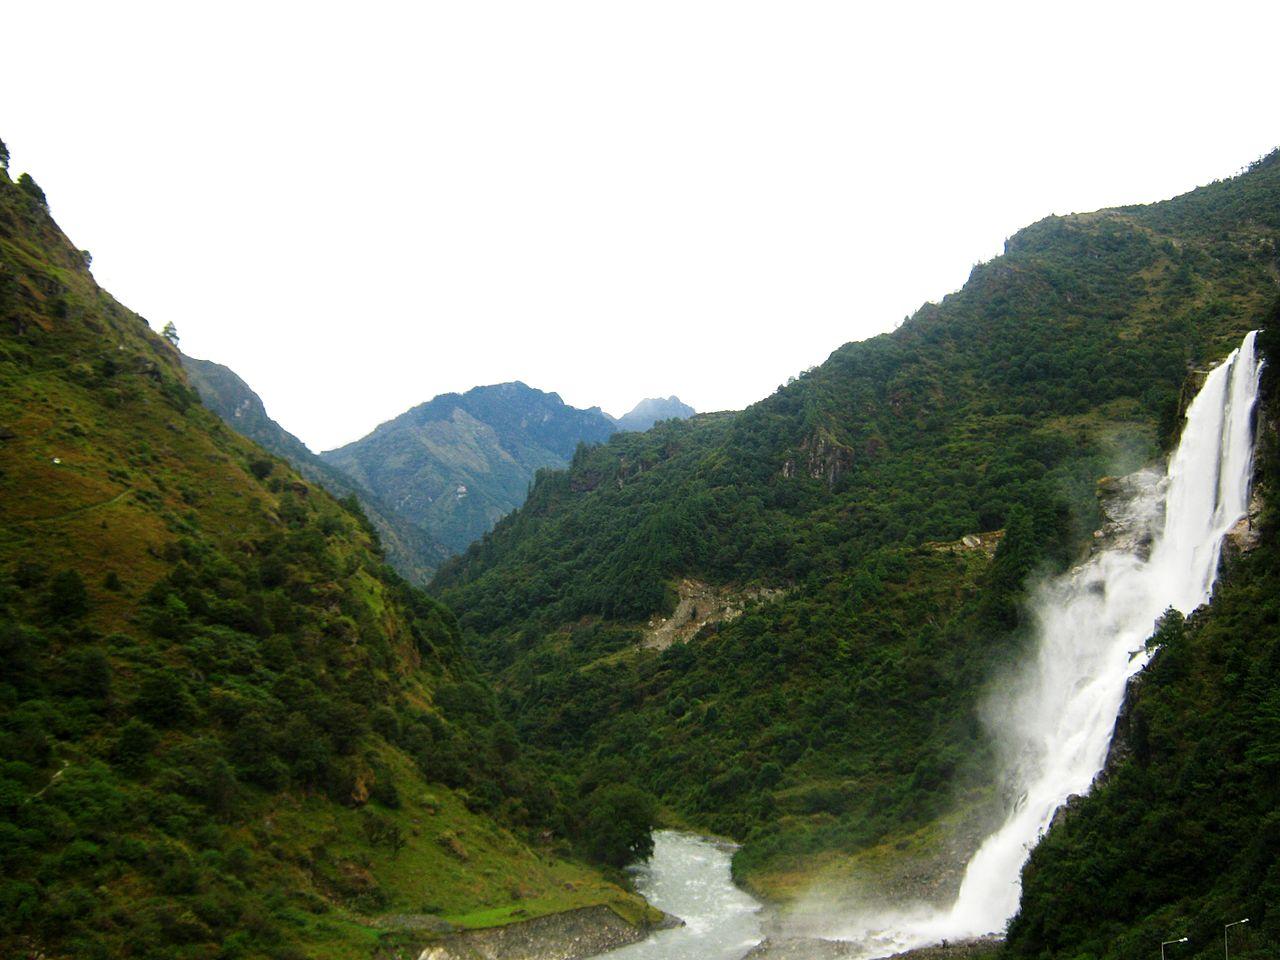 Visit Nuranang Falls (Jung Falls or Bong Bong Falls) in Tawang